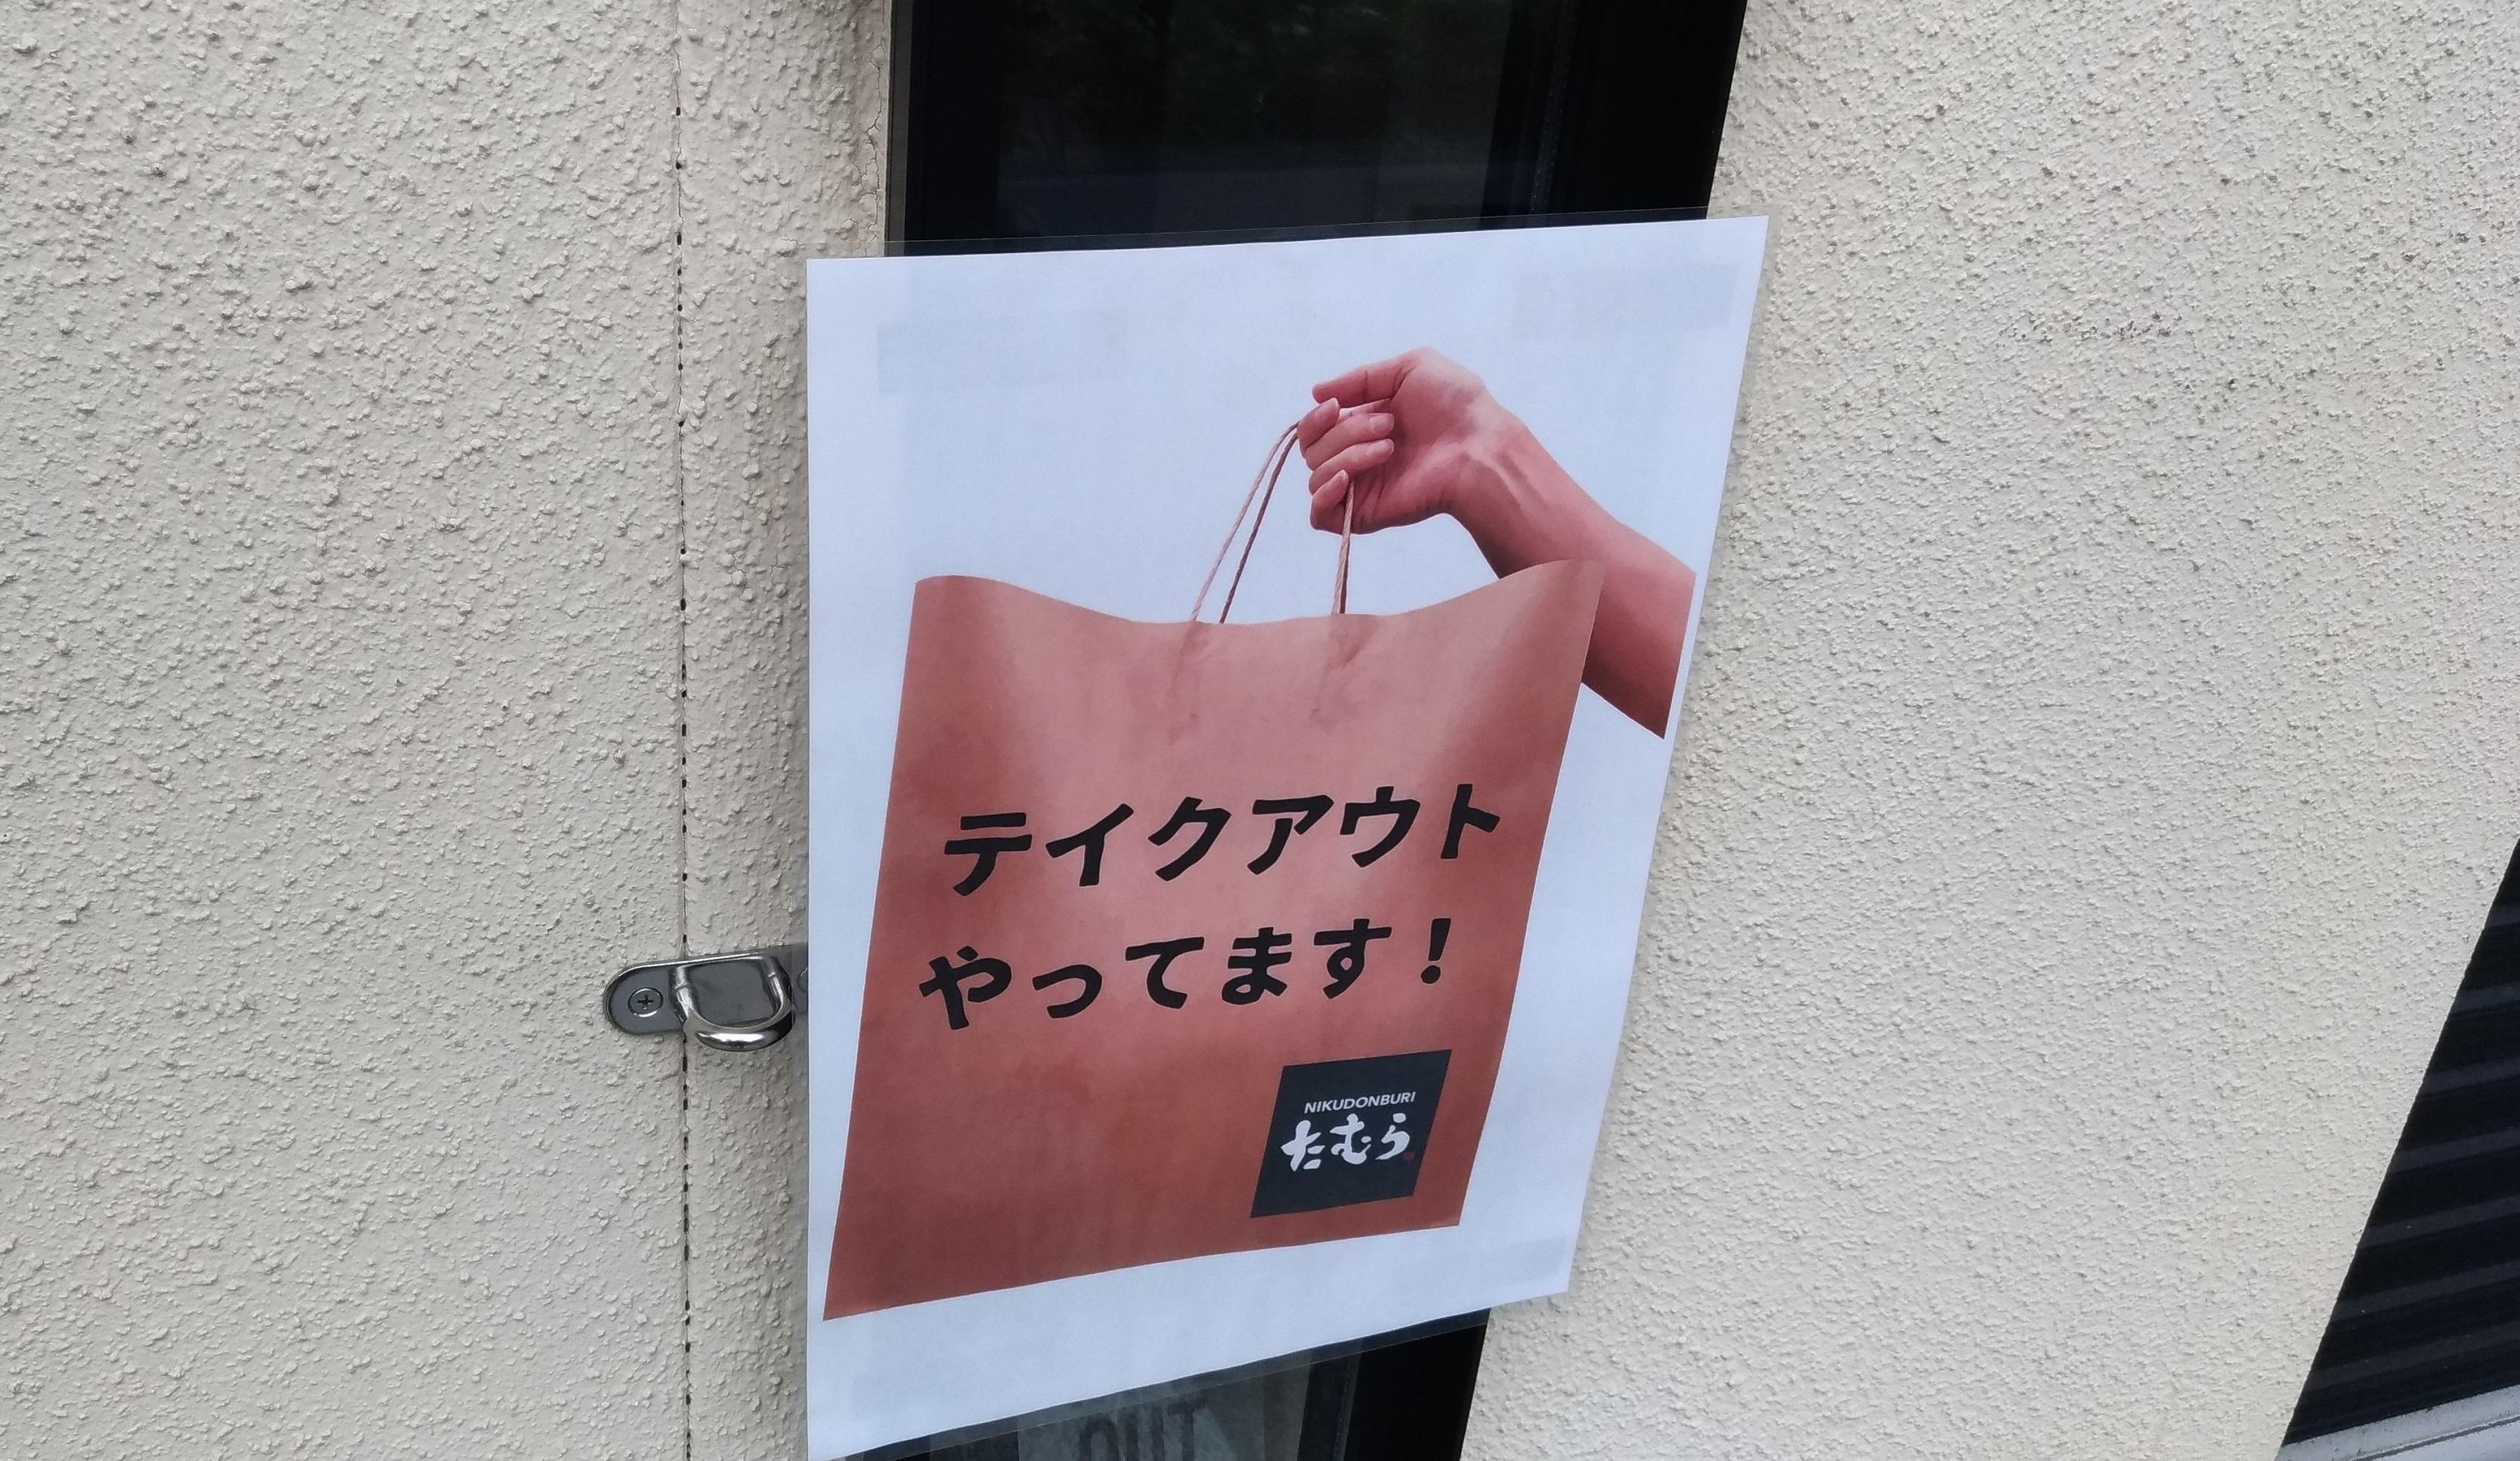 tamura_osaka_fukushima_take_out_1.jpg